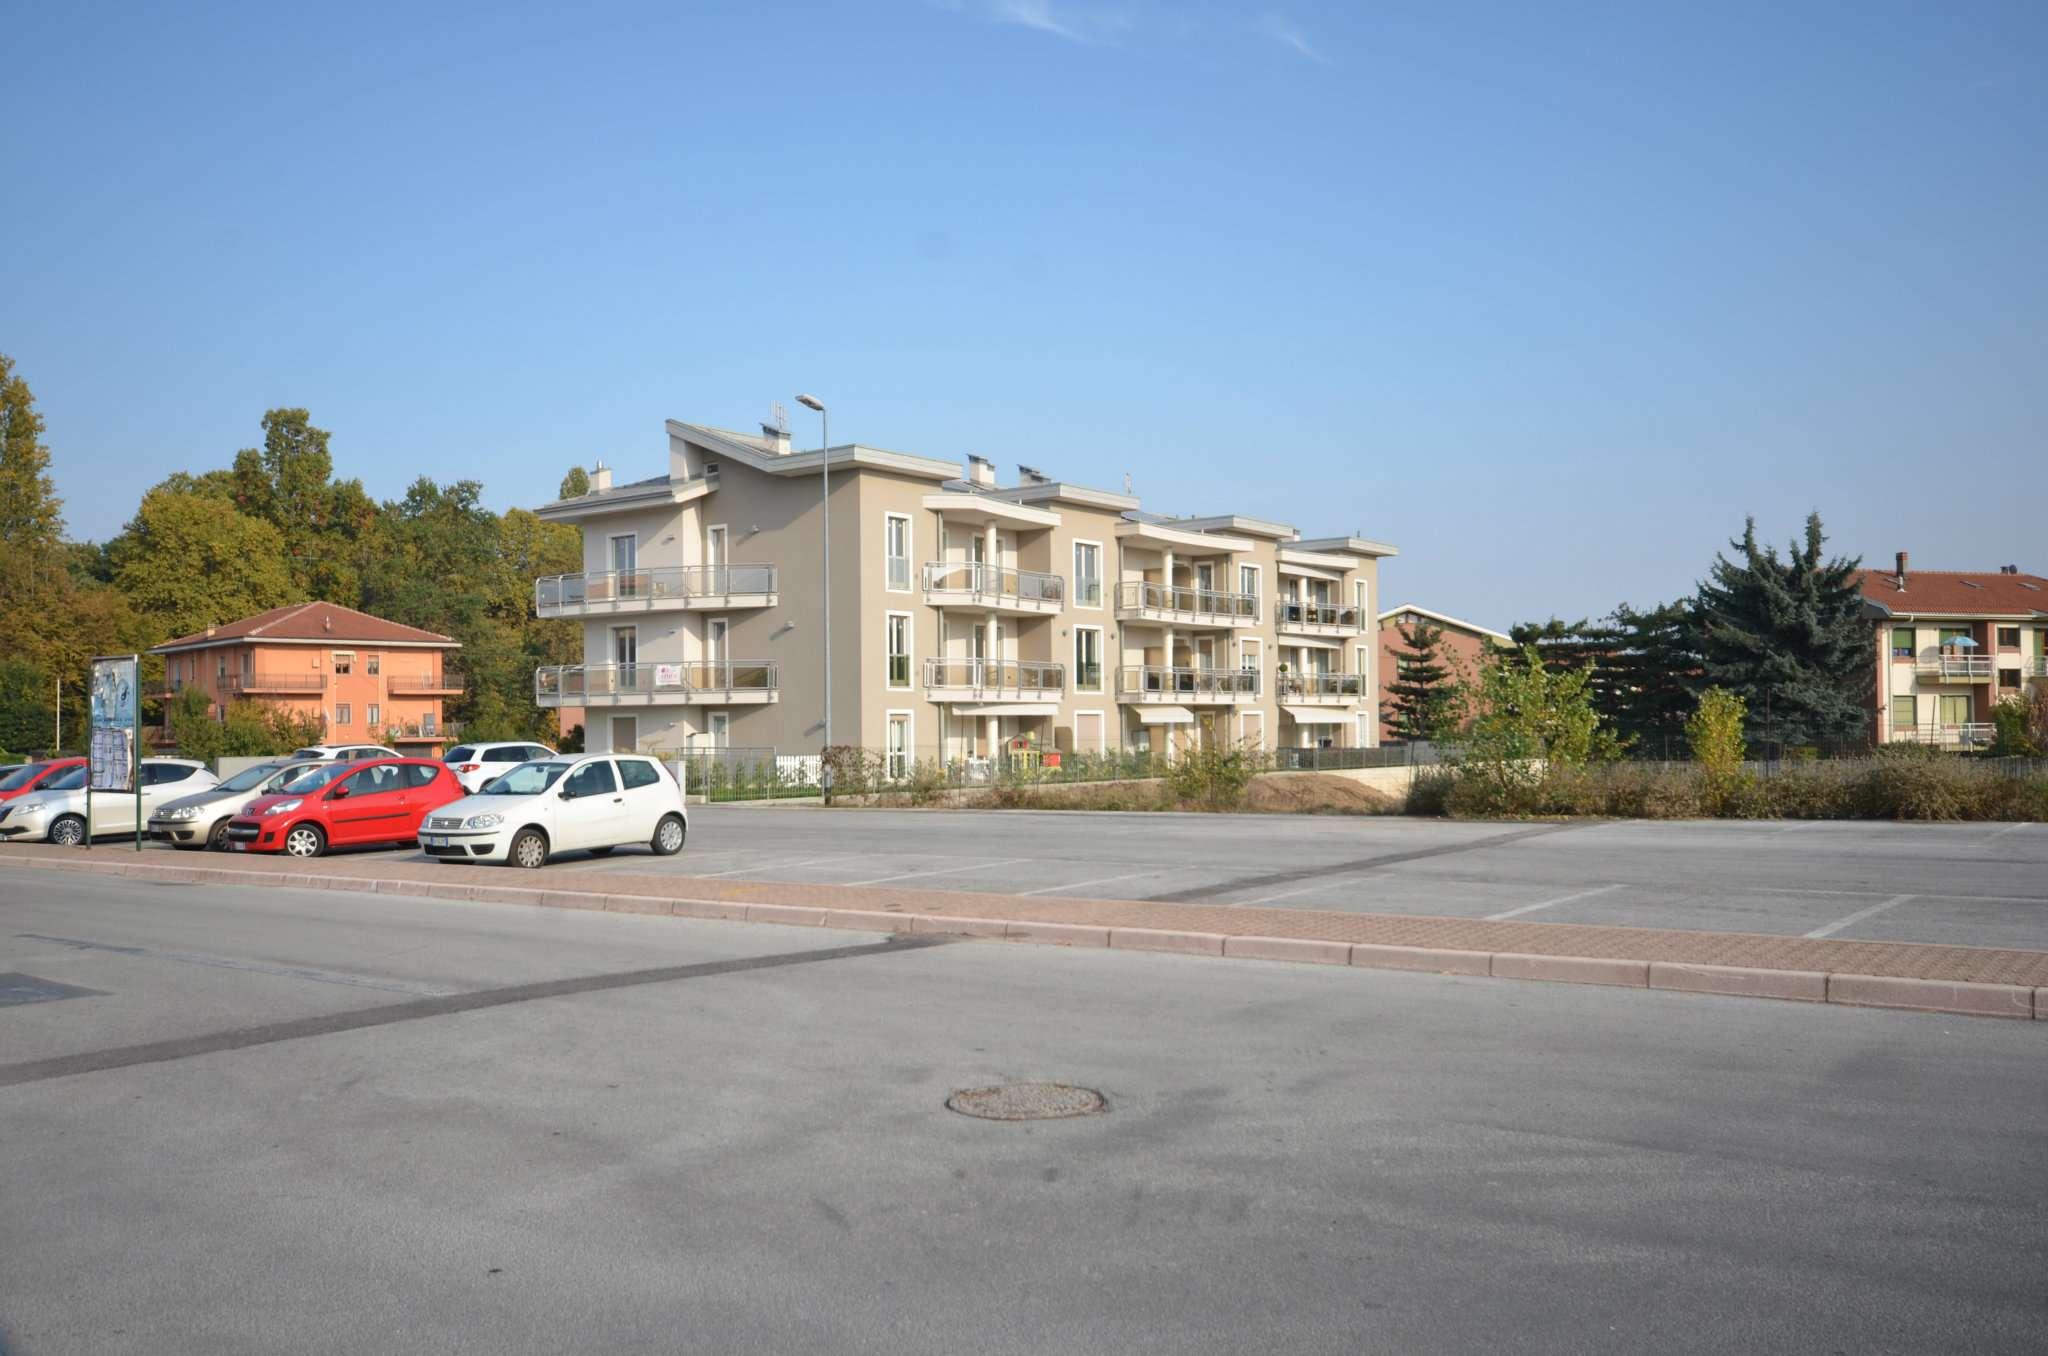 Appartamento in vendita a Cuneo, 3 locali, prezzo € 280.000 | CambioCasa.it